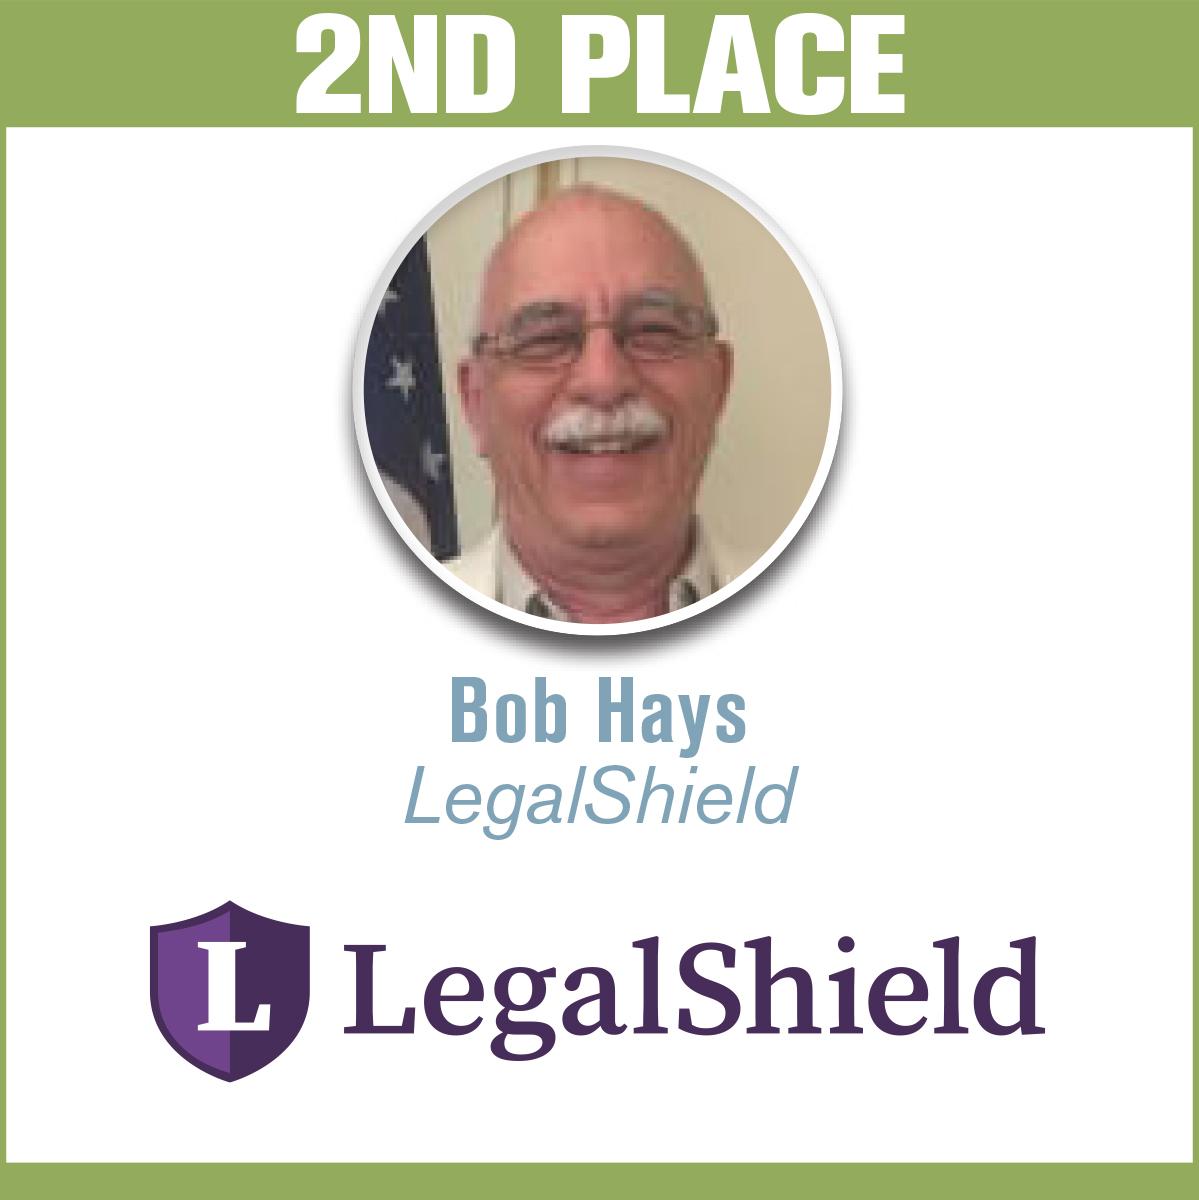 Bob Hays LegalShield